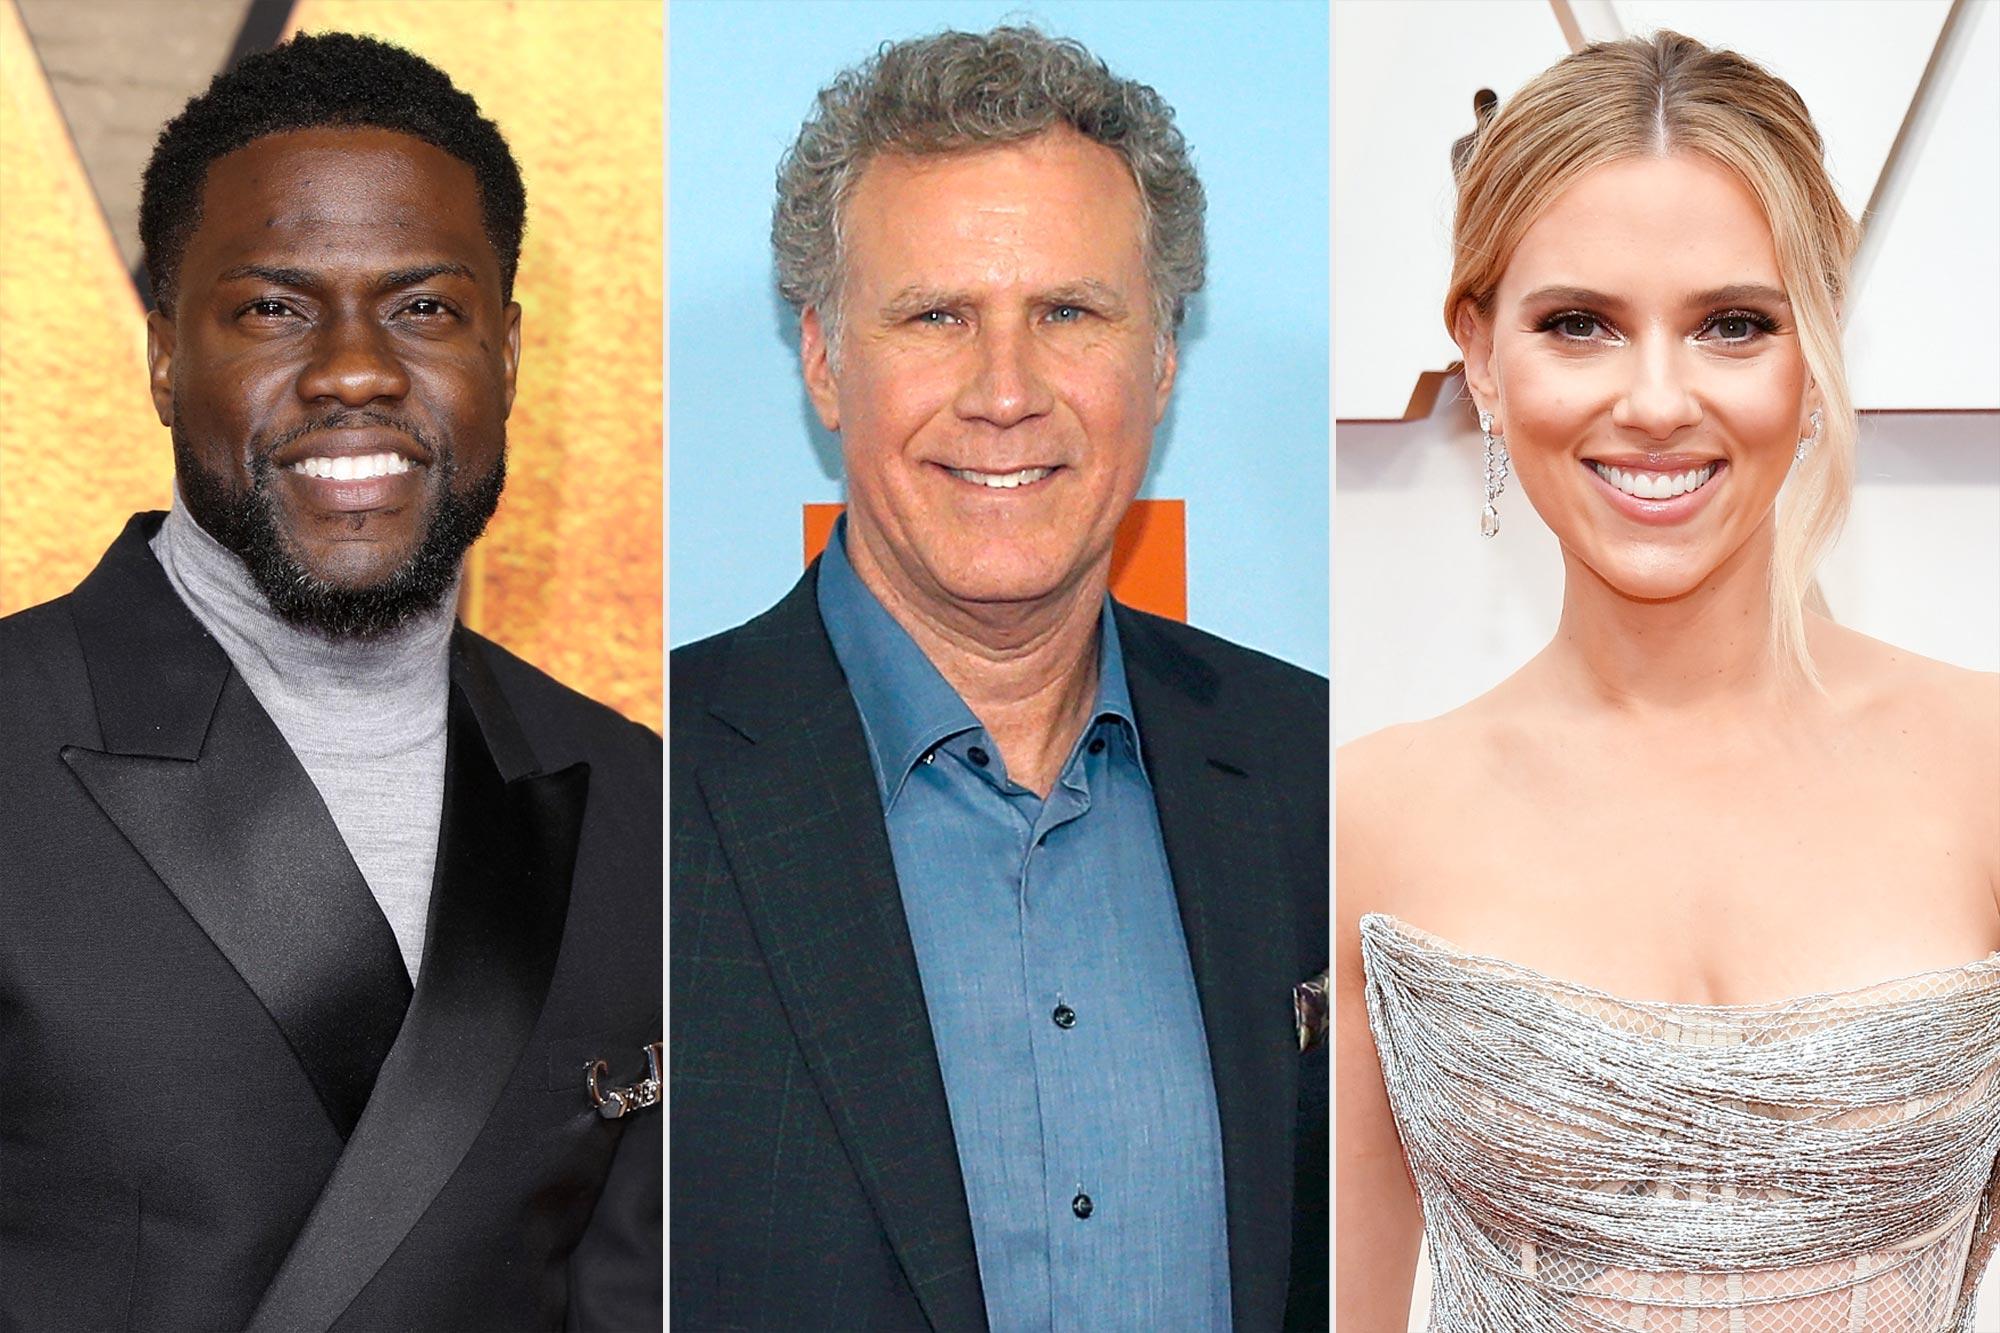 Kevin Hart; Will Ferrell; Scarlett Johansson